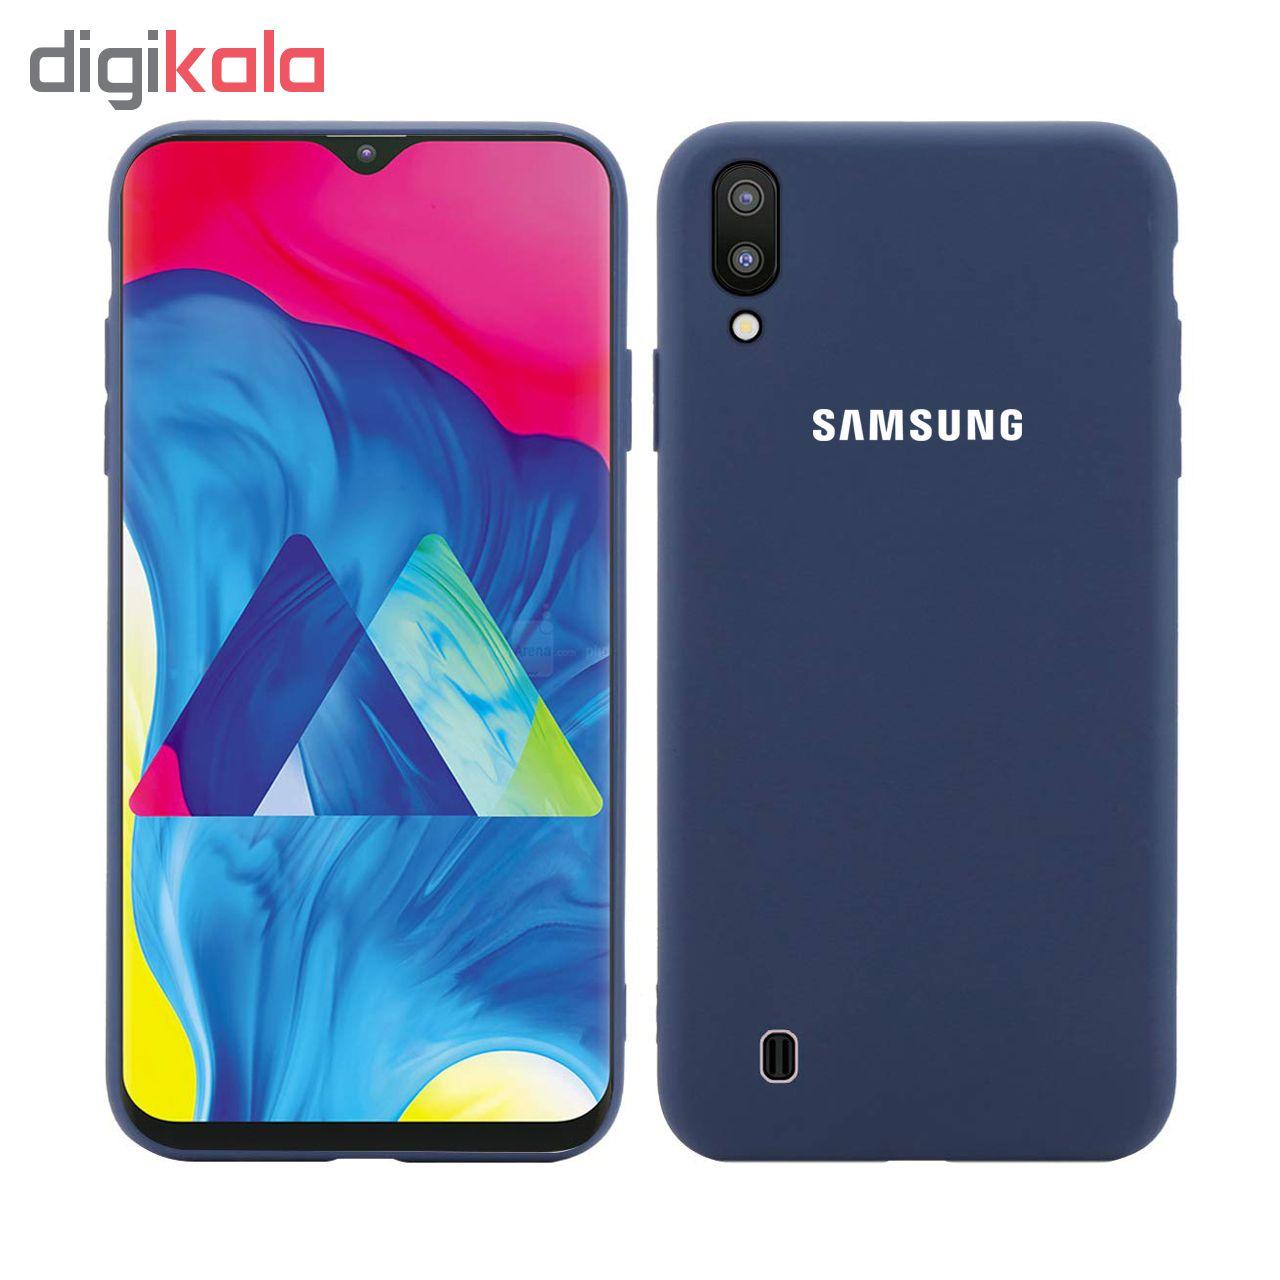 کاور سیلیکونی مدل Silky soft-touch مناسب برای گوشی موبایل سامسونگ Galaxy M10   main 1 4